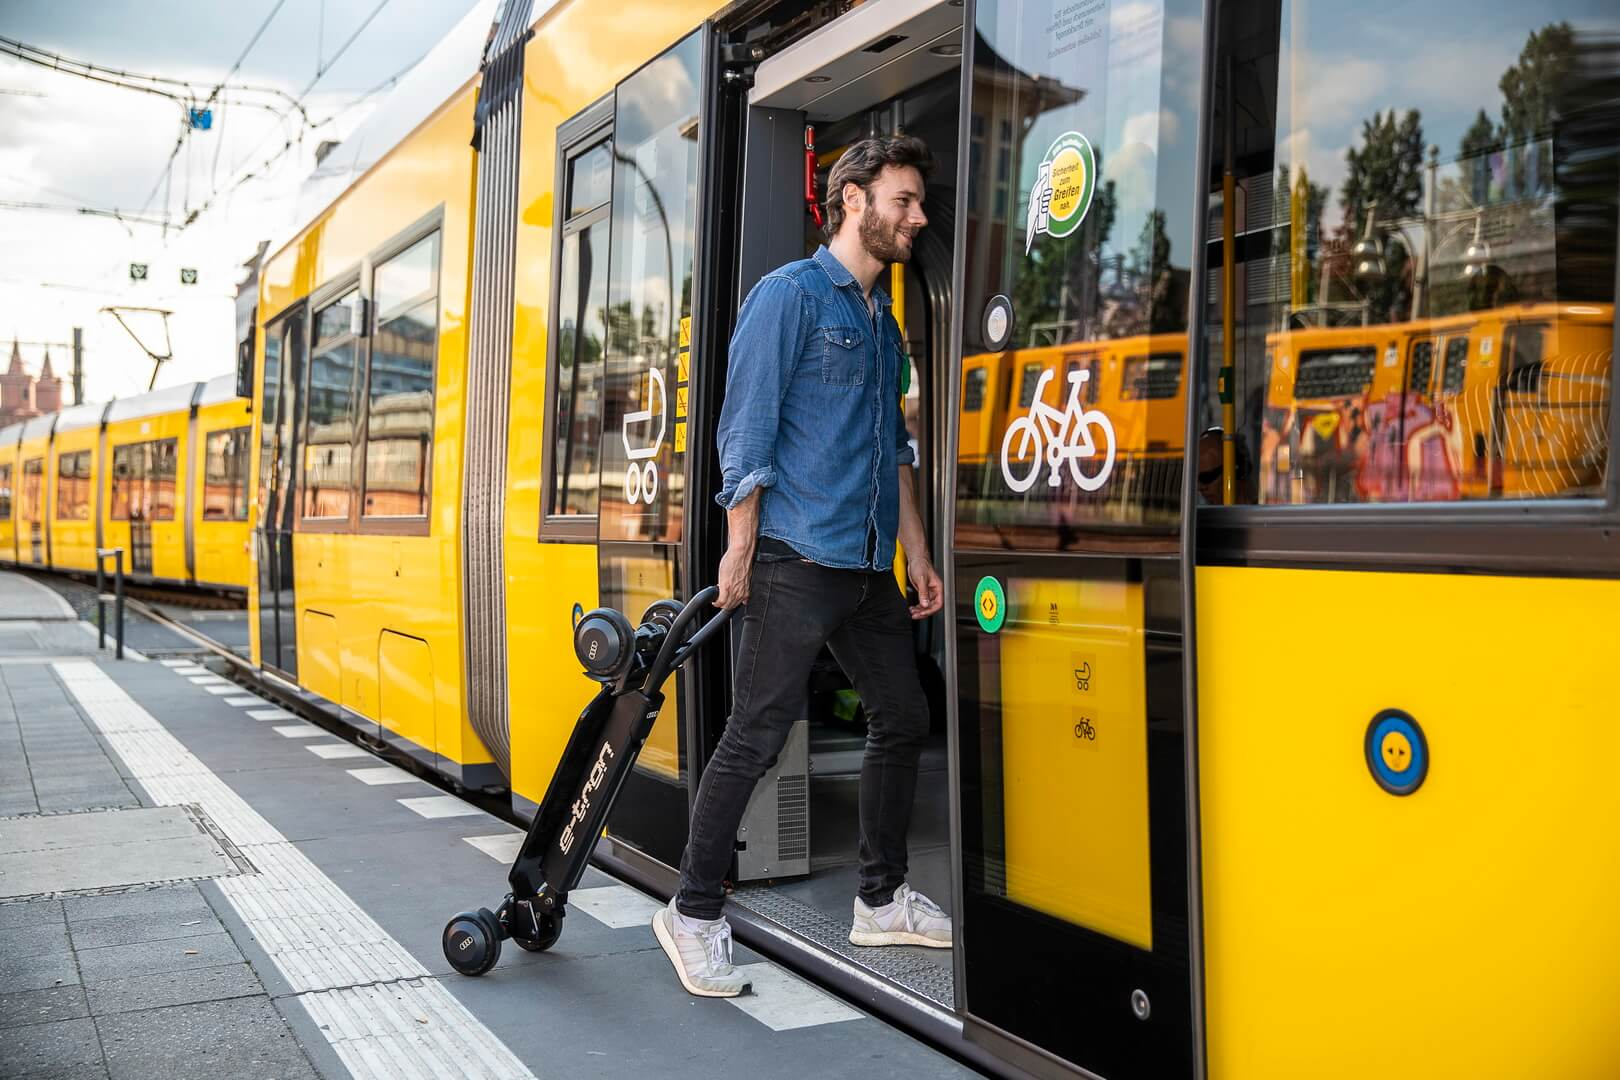 Электросамокат e-tron может быть сложен для перевозки вавтомобиле, автобусе или поезде